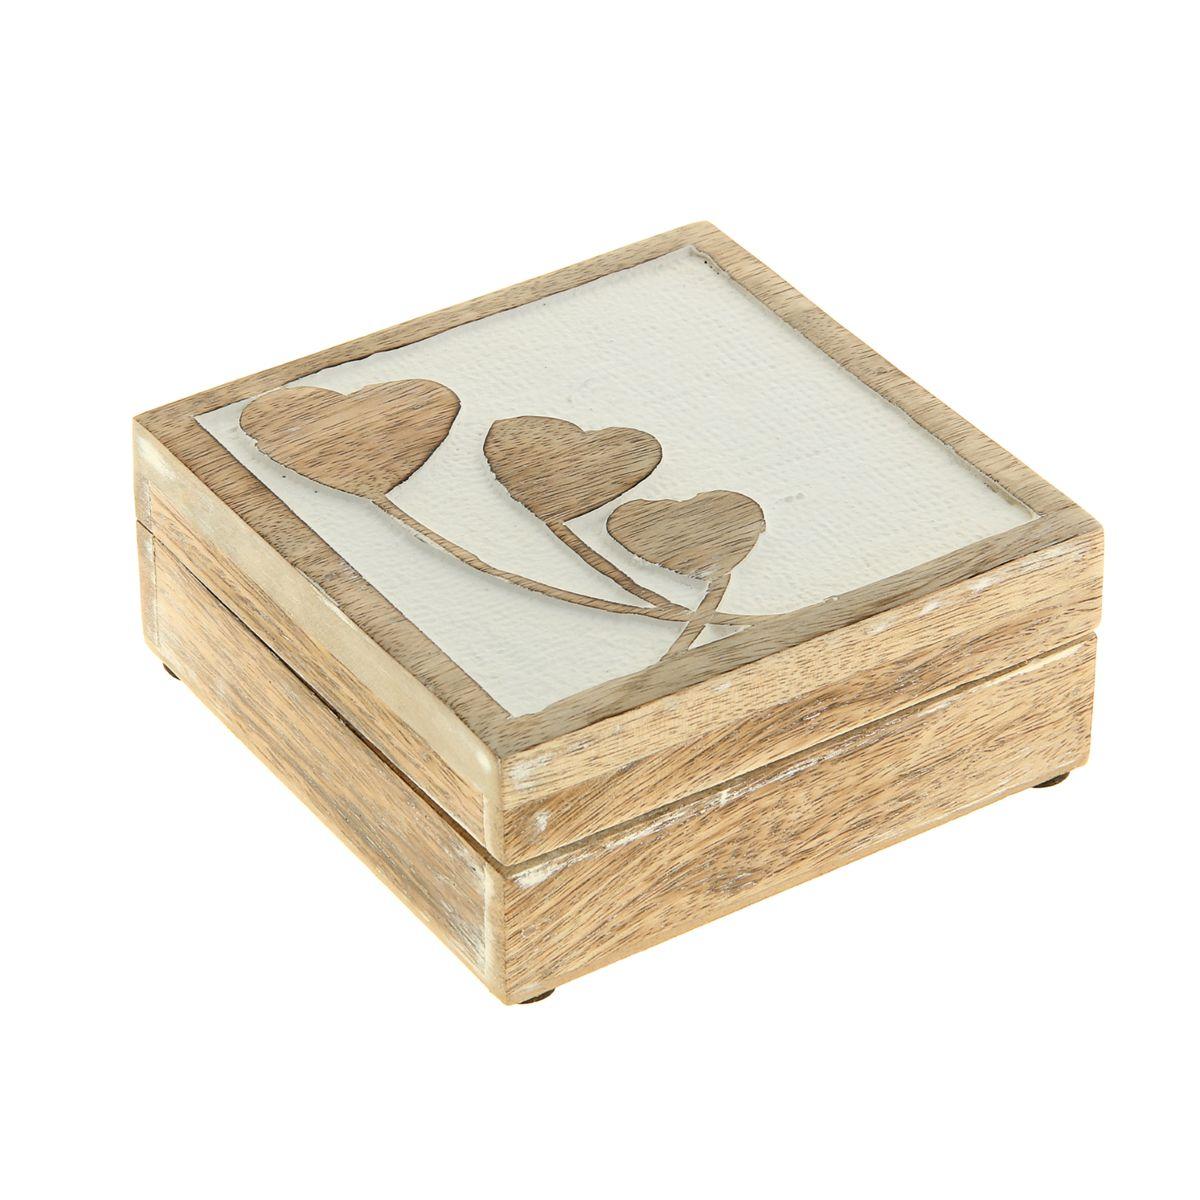 Шкатулка Sima-land Романтика, 13 см х 13 см х 5,5 см839534Шкатулка Sima-land Романтика изготовлена из дерева - натурального материала, словно пропитанного теплом яркого солнца. Крышка украшена узором. Внутри одно отделение. Такая шкатулка - не простой сувенир. Ее функция не только декоративная, но и сугубо практическая - служить удобным и надежным местом для хранения самых разных мелочей. Разумеется, особо неравнодушны к этим элегантным предметам интерьера женщины. Мастерицы кладут в шкатулки швейные и рукодельные принадлежности. Модницы и светские львицы - любимые украшения и аксессуары. И, конечно, многие представительницы прекрасного пола хранят в шкатулках, убранных в укромный уголок, какие-то памятные знаки: фотографии, старые письма, сувениры, напоминающие о важных событиях и особо счастливых моментах, сухие лепестки роз и другие небольшие сокровища.